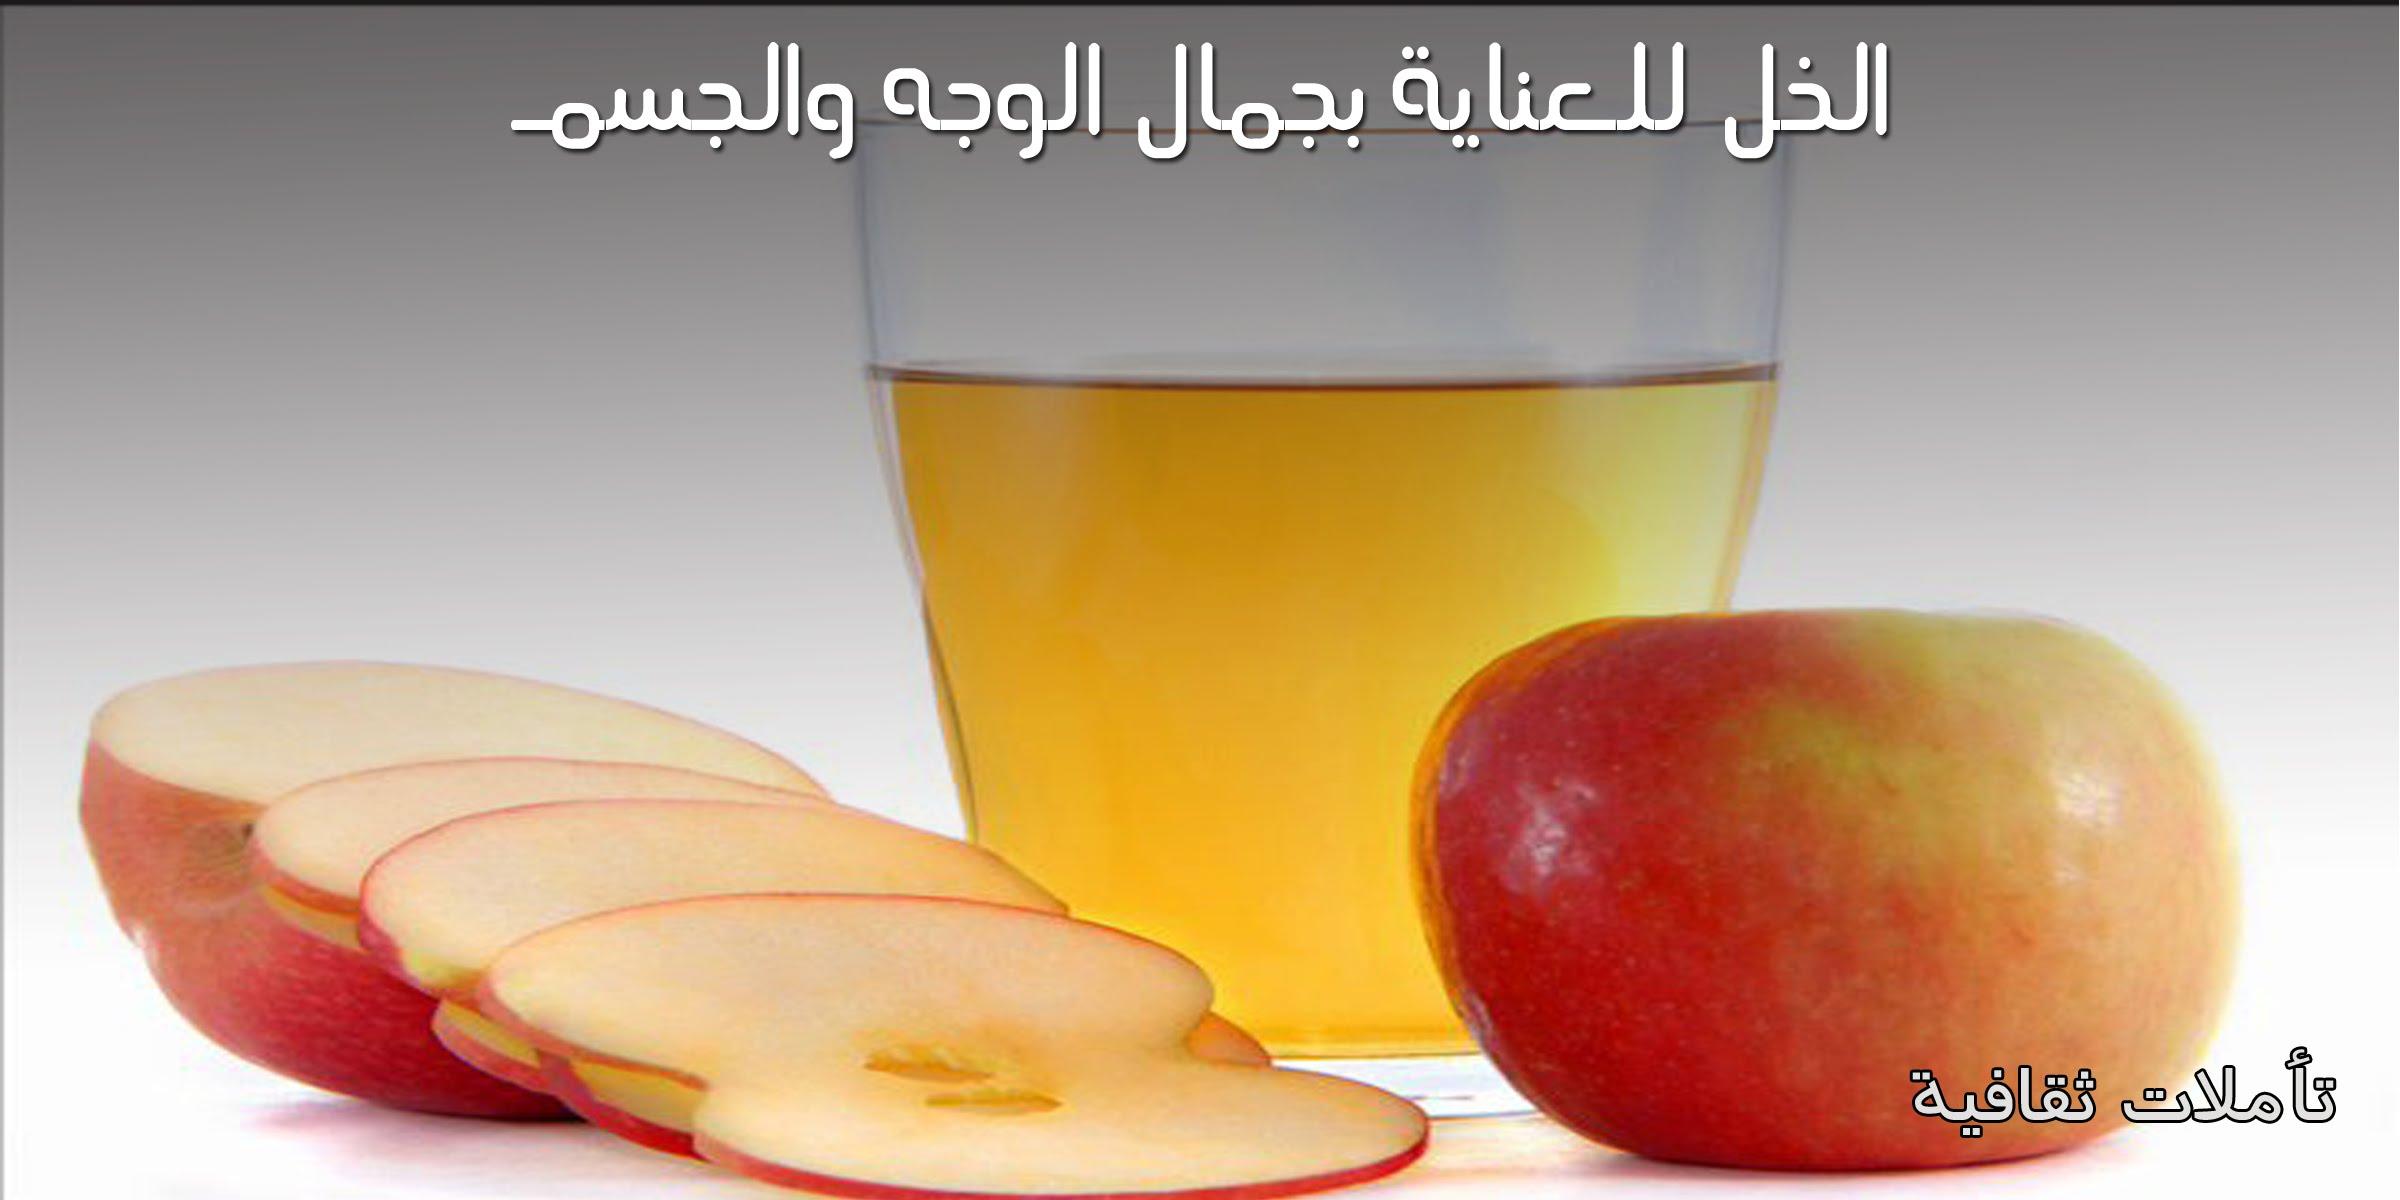 بالصور فوائد خل التفاح للشعر 20160711 470